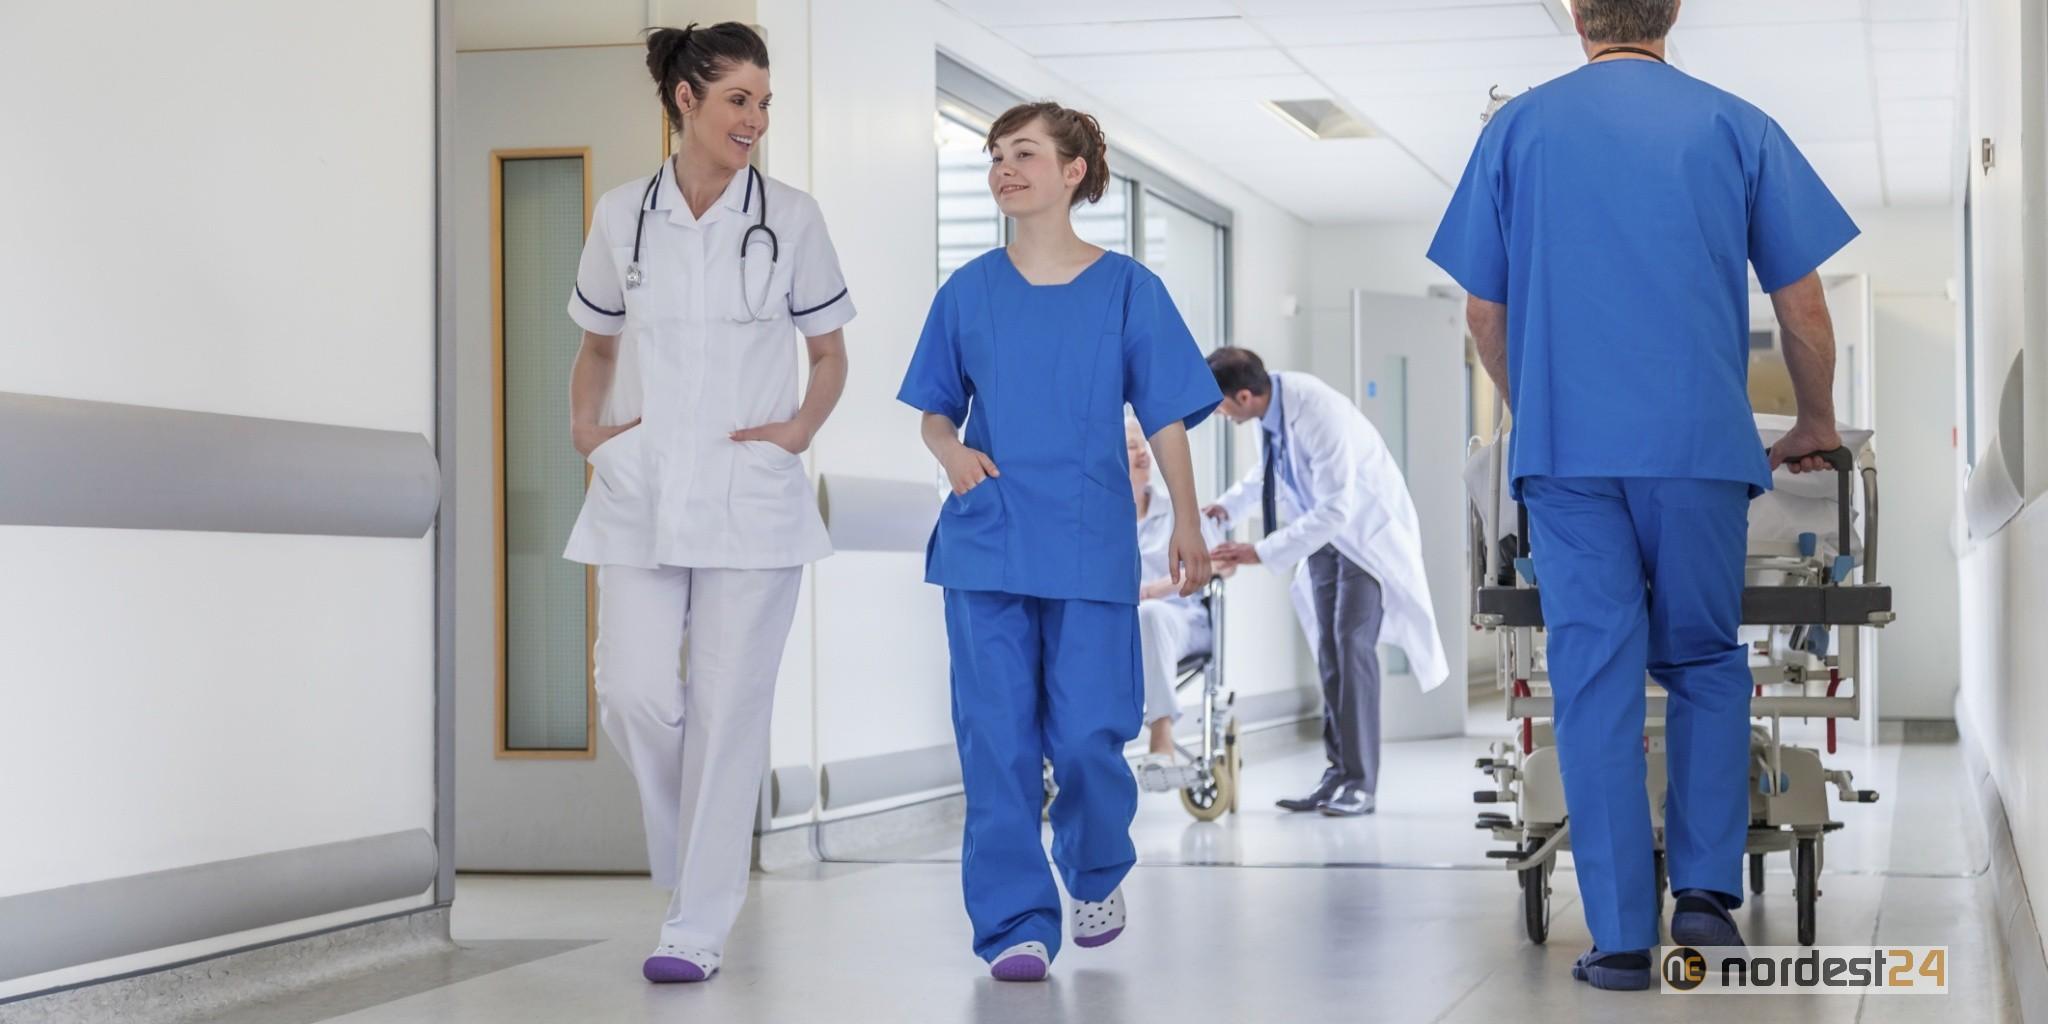 On Line il nuovo sito web di OPI Trieste: soddisfazione per l'Ordine degli infermieri - Nordest24.it